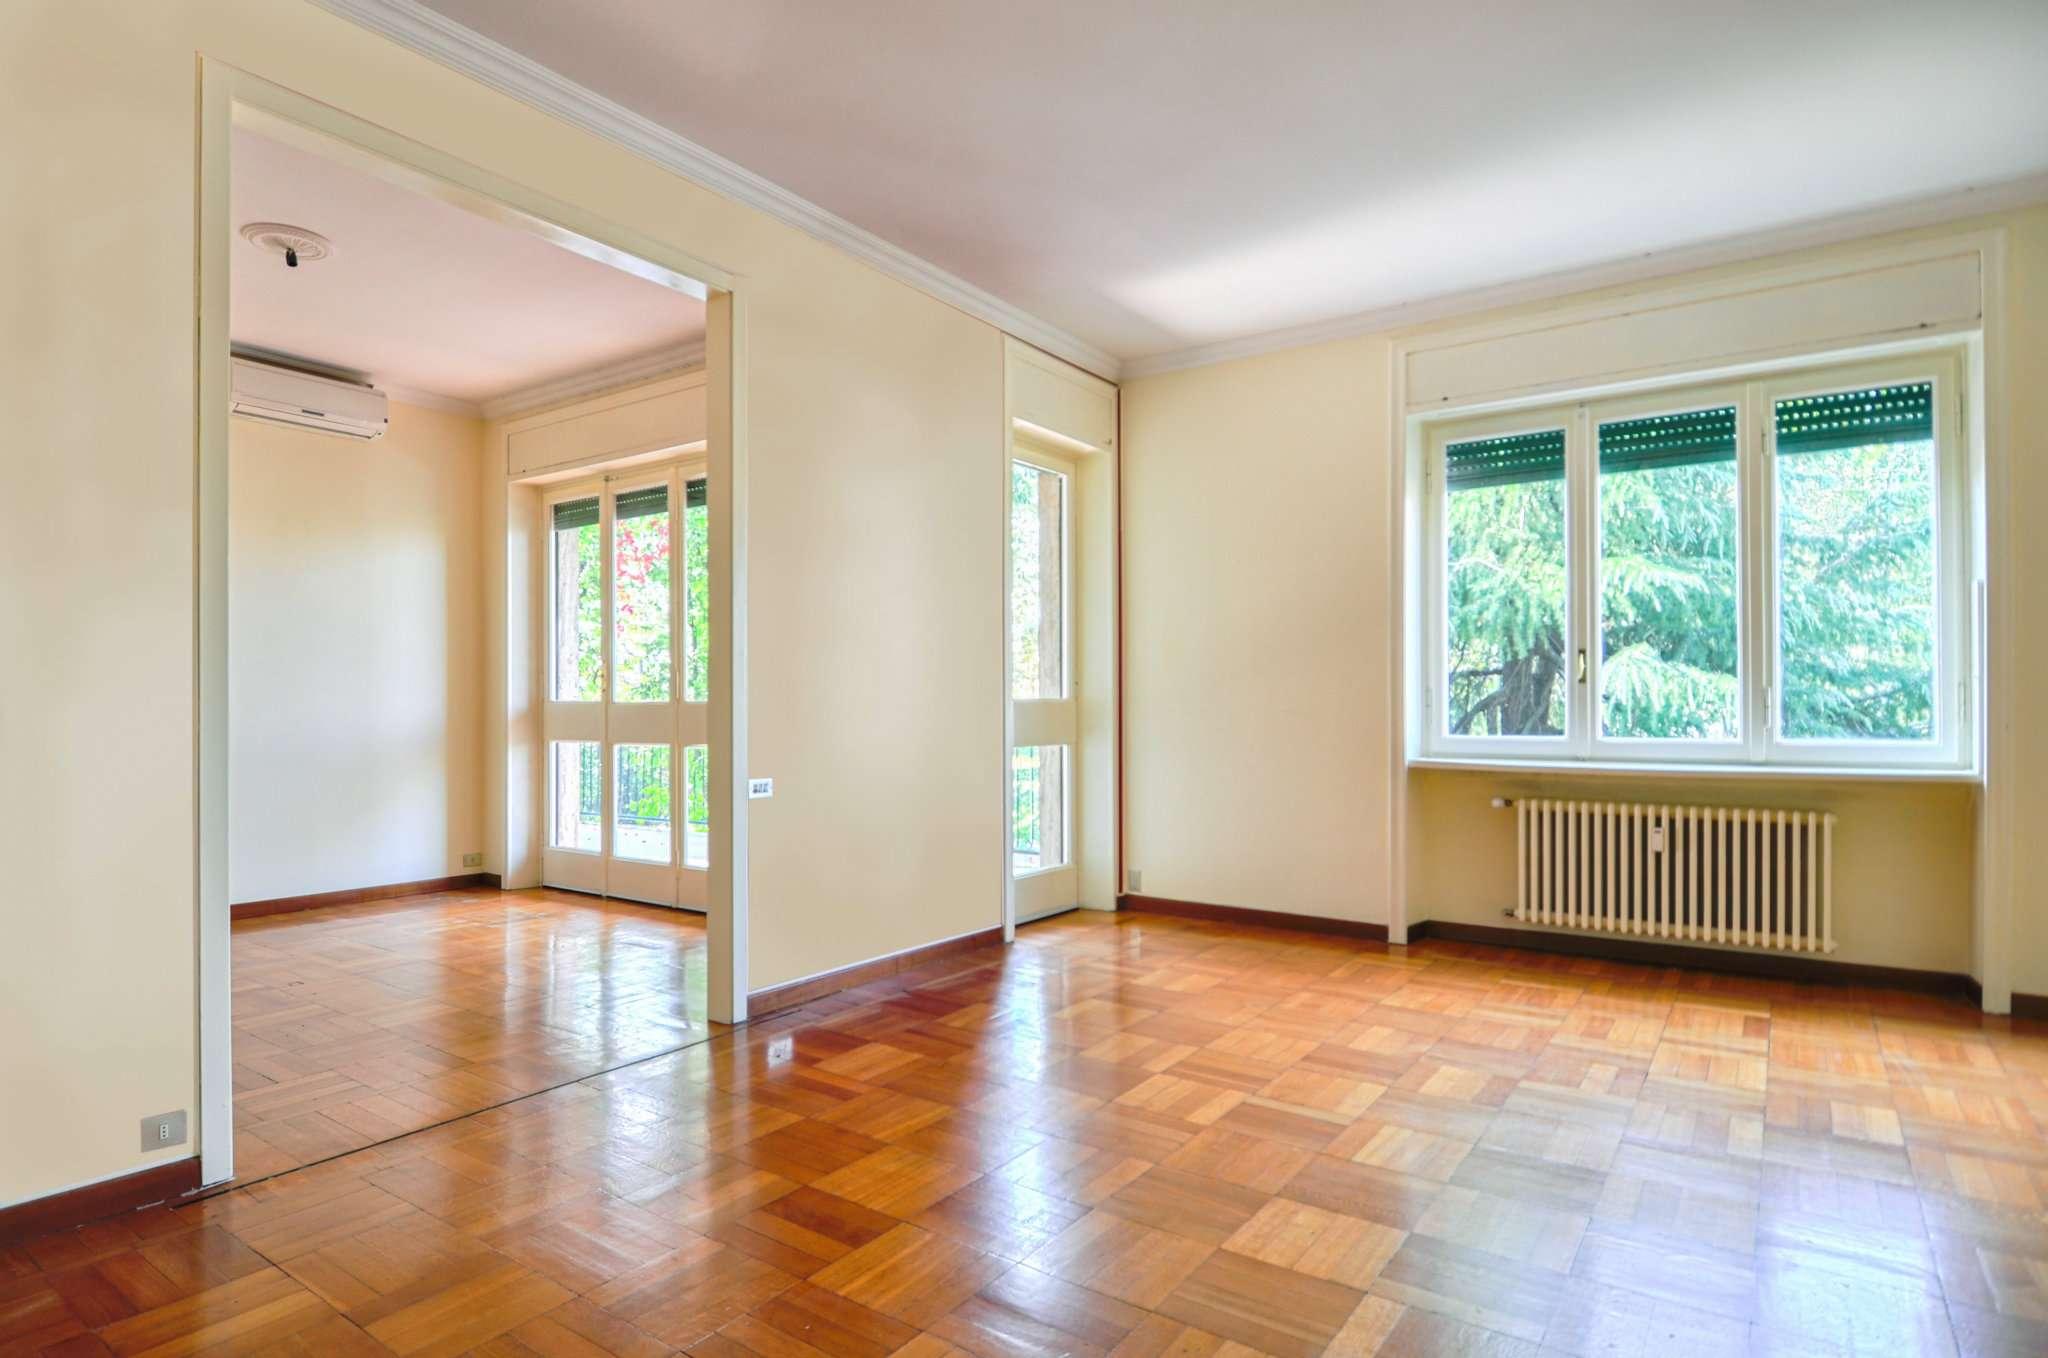 Appartamento in Vendita a Milano 17 Marghera / Wagner / Fiera: 5 locali, 182 mq